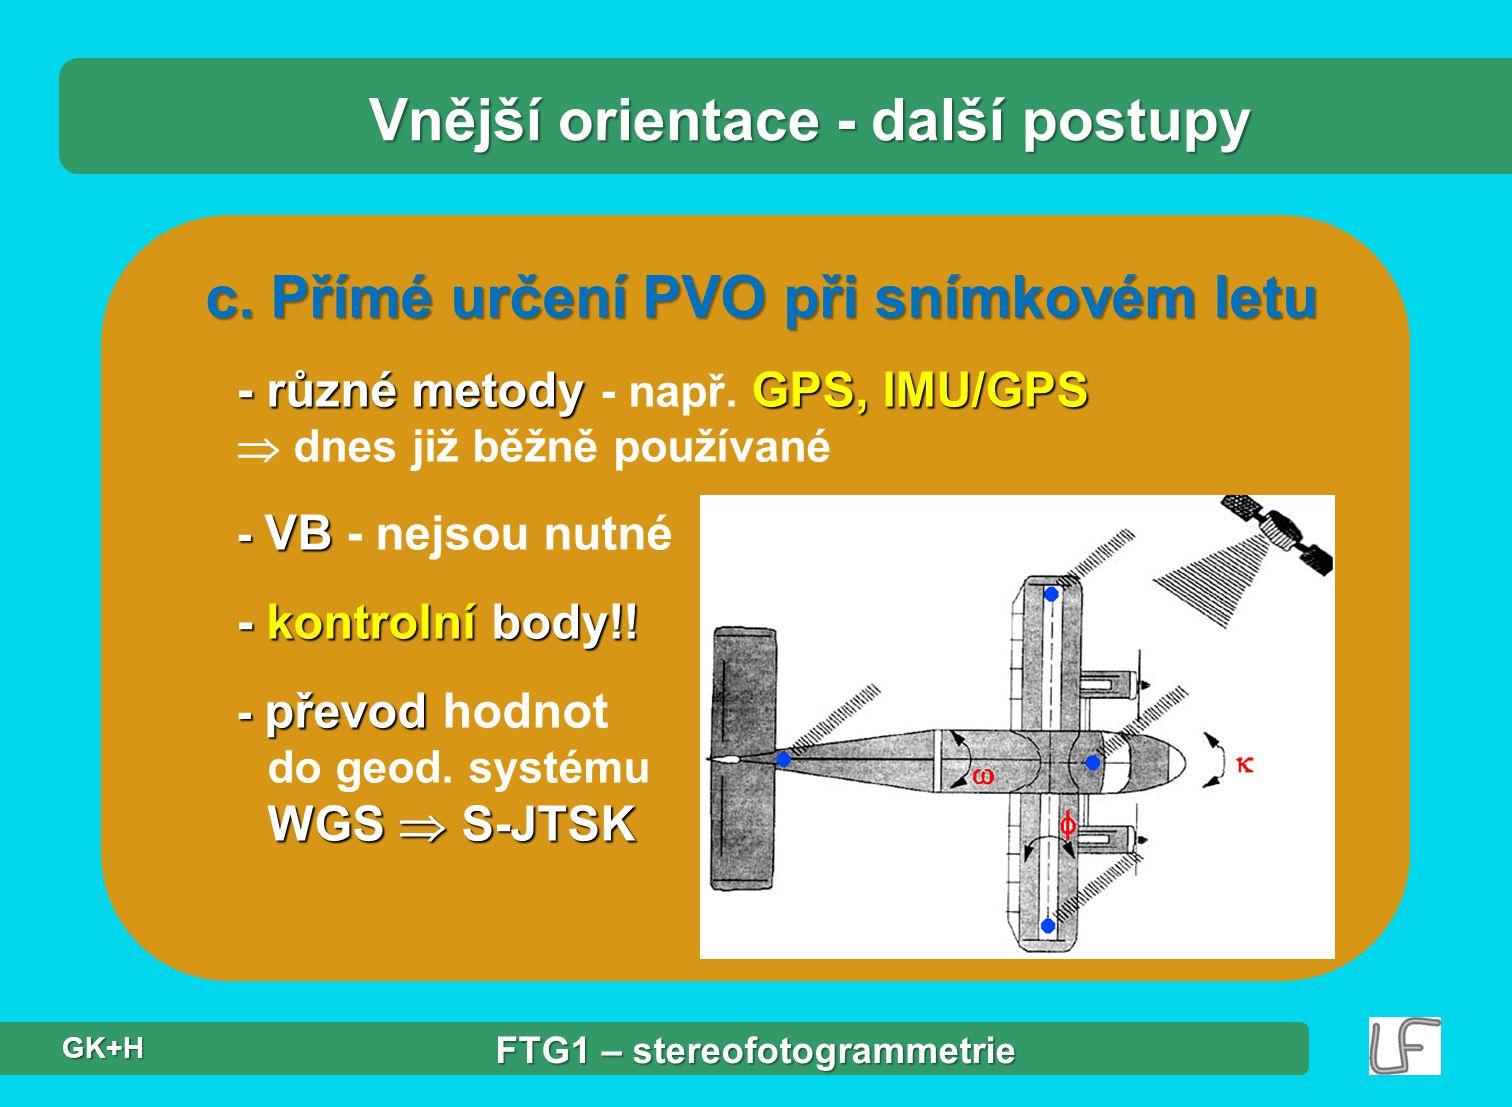 c. Přímé určení PVO při snímkovém letu - různé metody GPS, IMU/GPS - různé metody - např. GPS, IMU/GPS  dnes již běžně používané - VB - VB - nejsou n